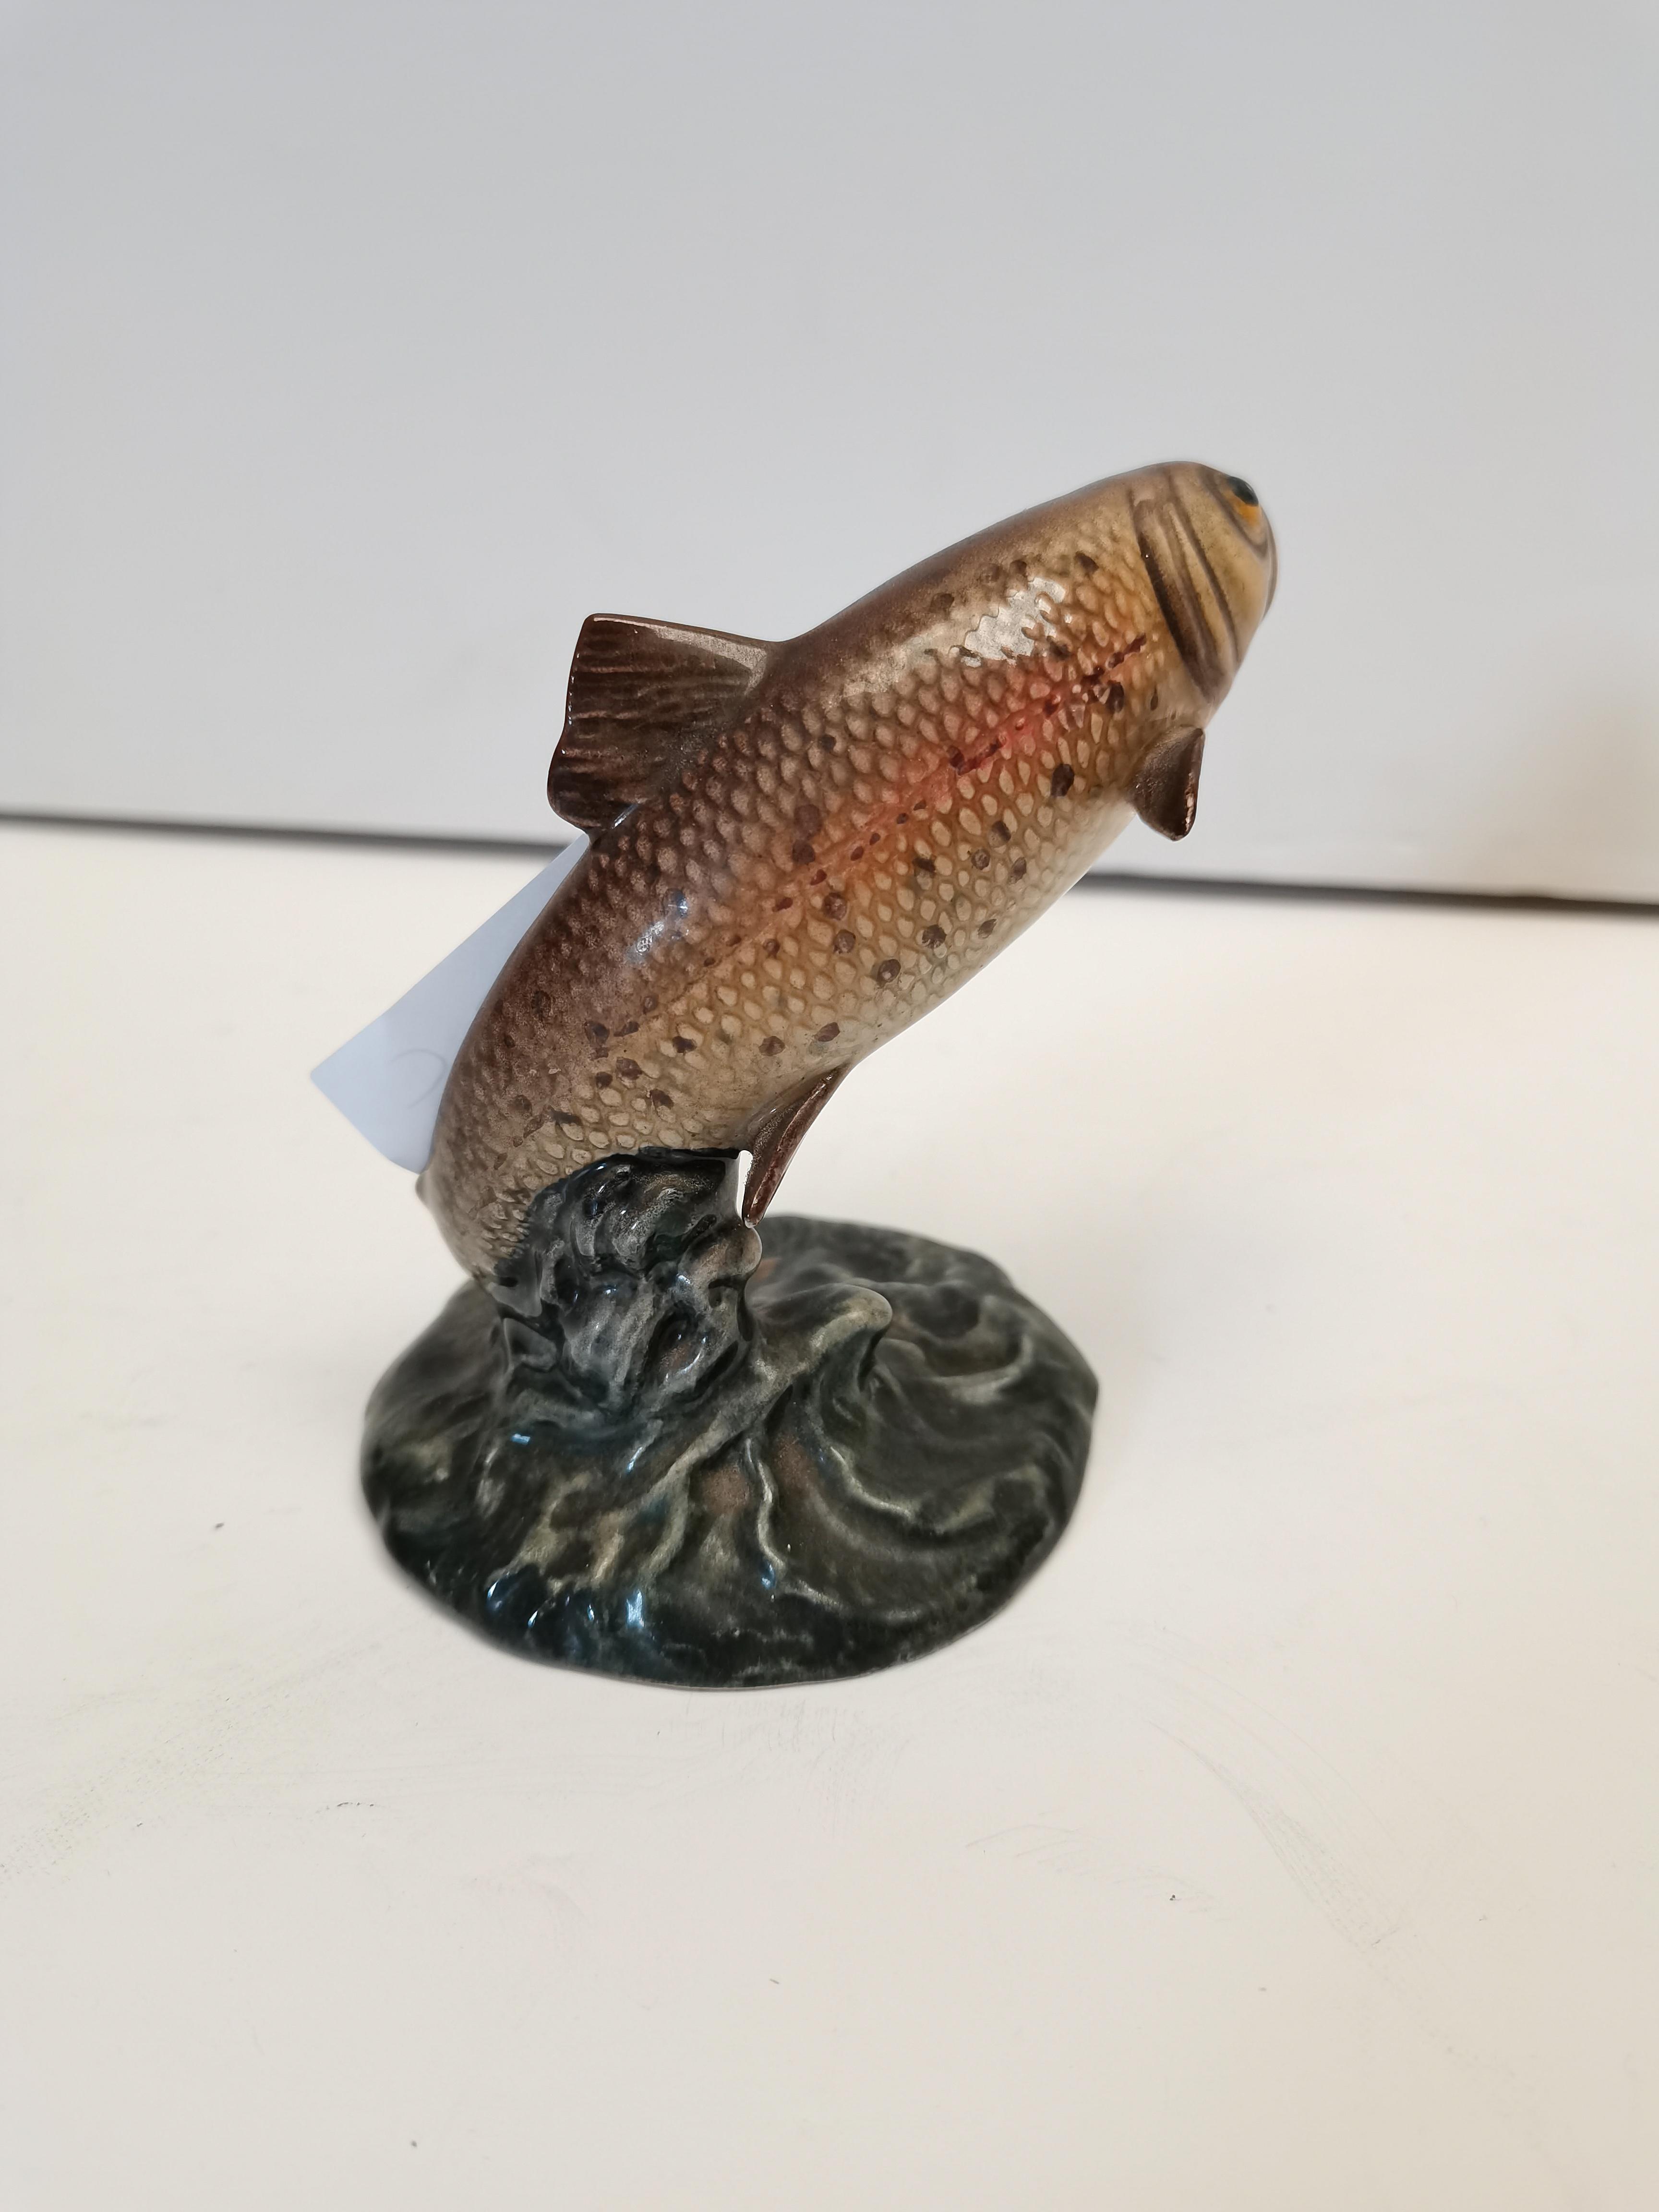 Beswick trout 1390 - Image 2 of 3